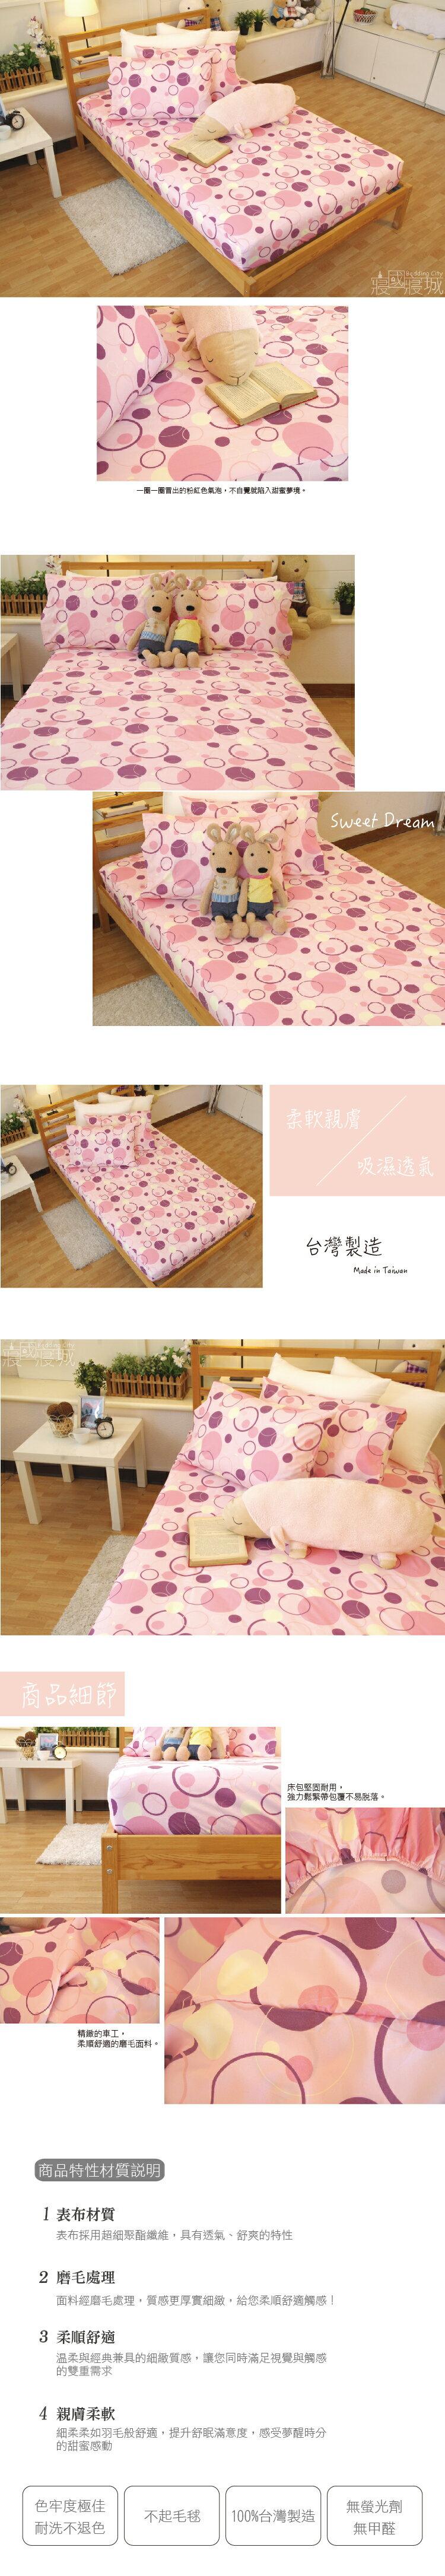 單人床包(含枕套) 莓粉氣泡【飽滿色彩、觸感升級、SGS檢驗通過 】#台灣製造 # 寢國寢城 #磨毛 3